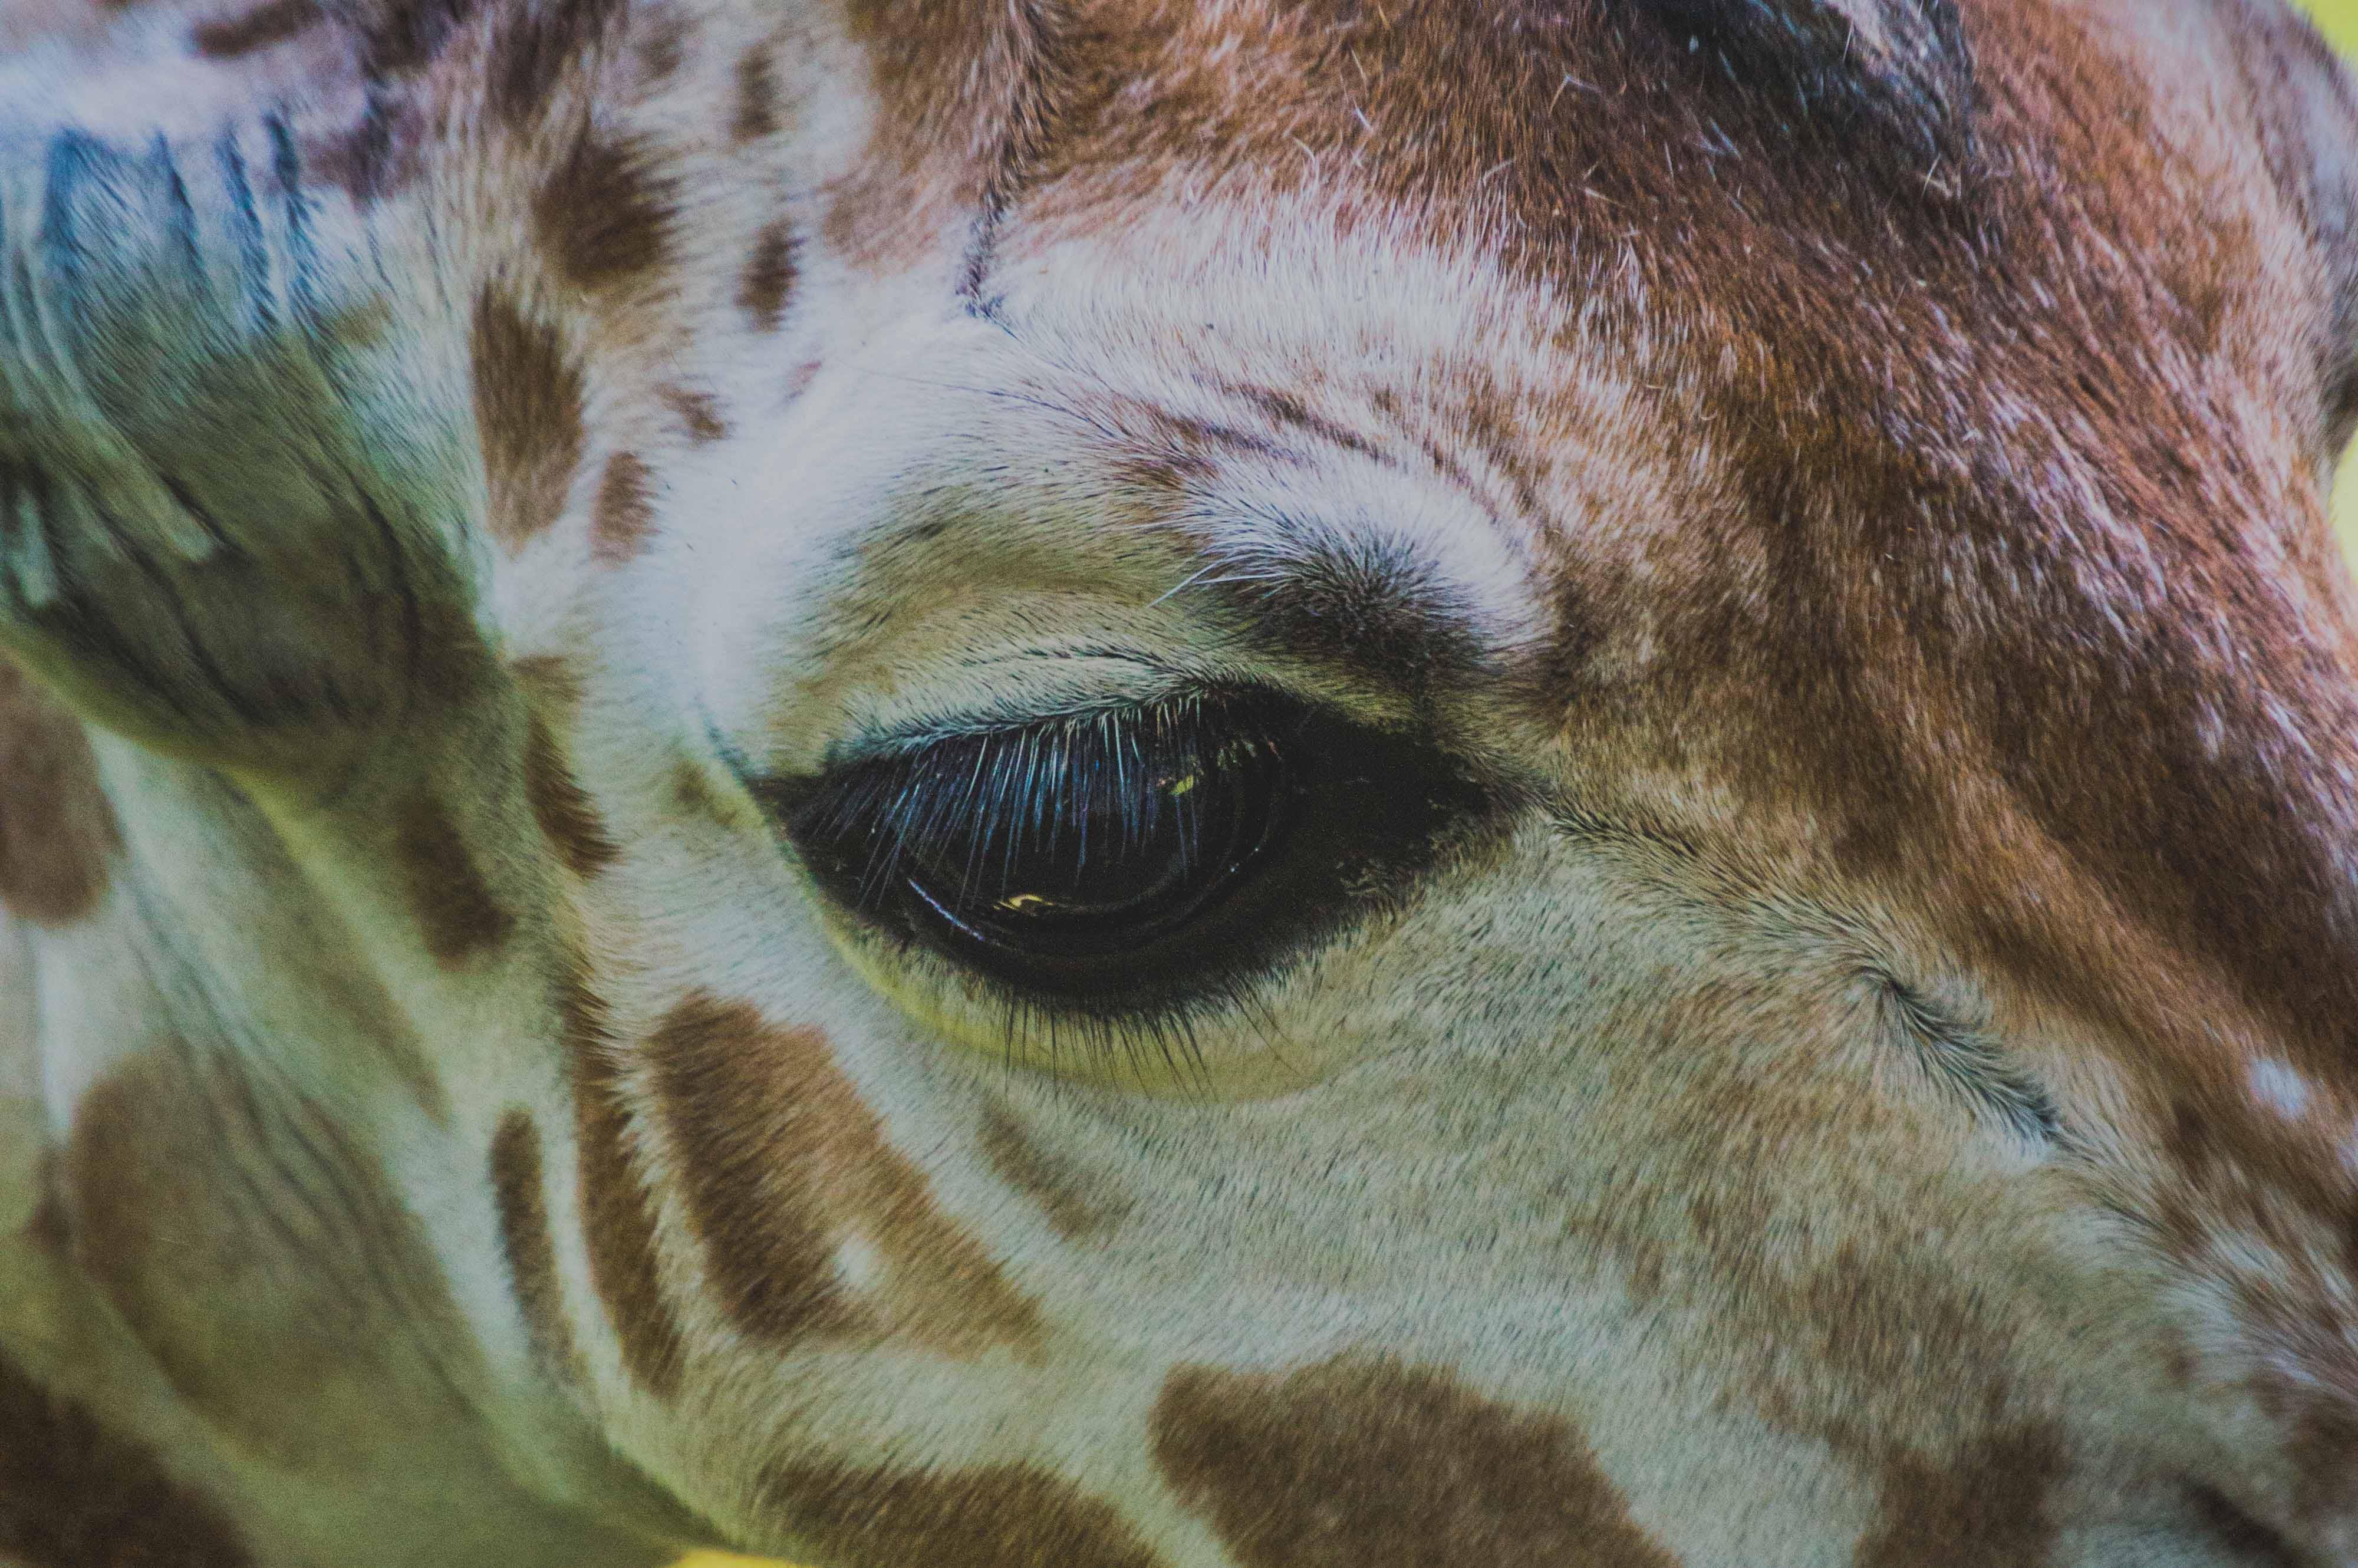 Free stock photo of animals, baby, baby giraffe, big eyes